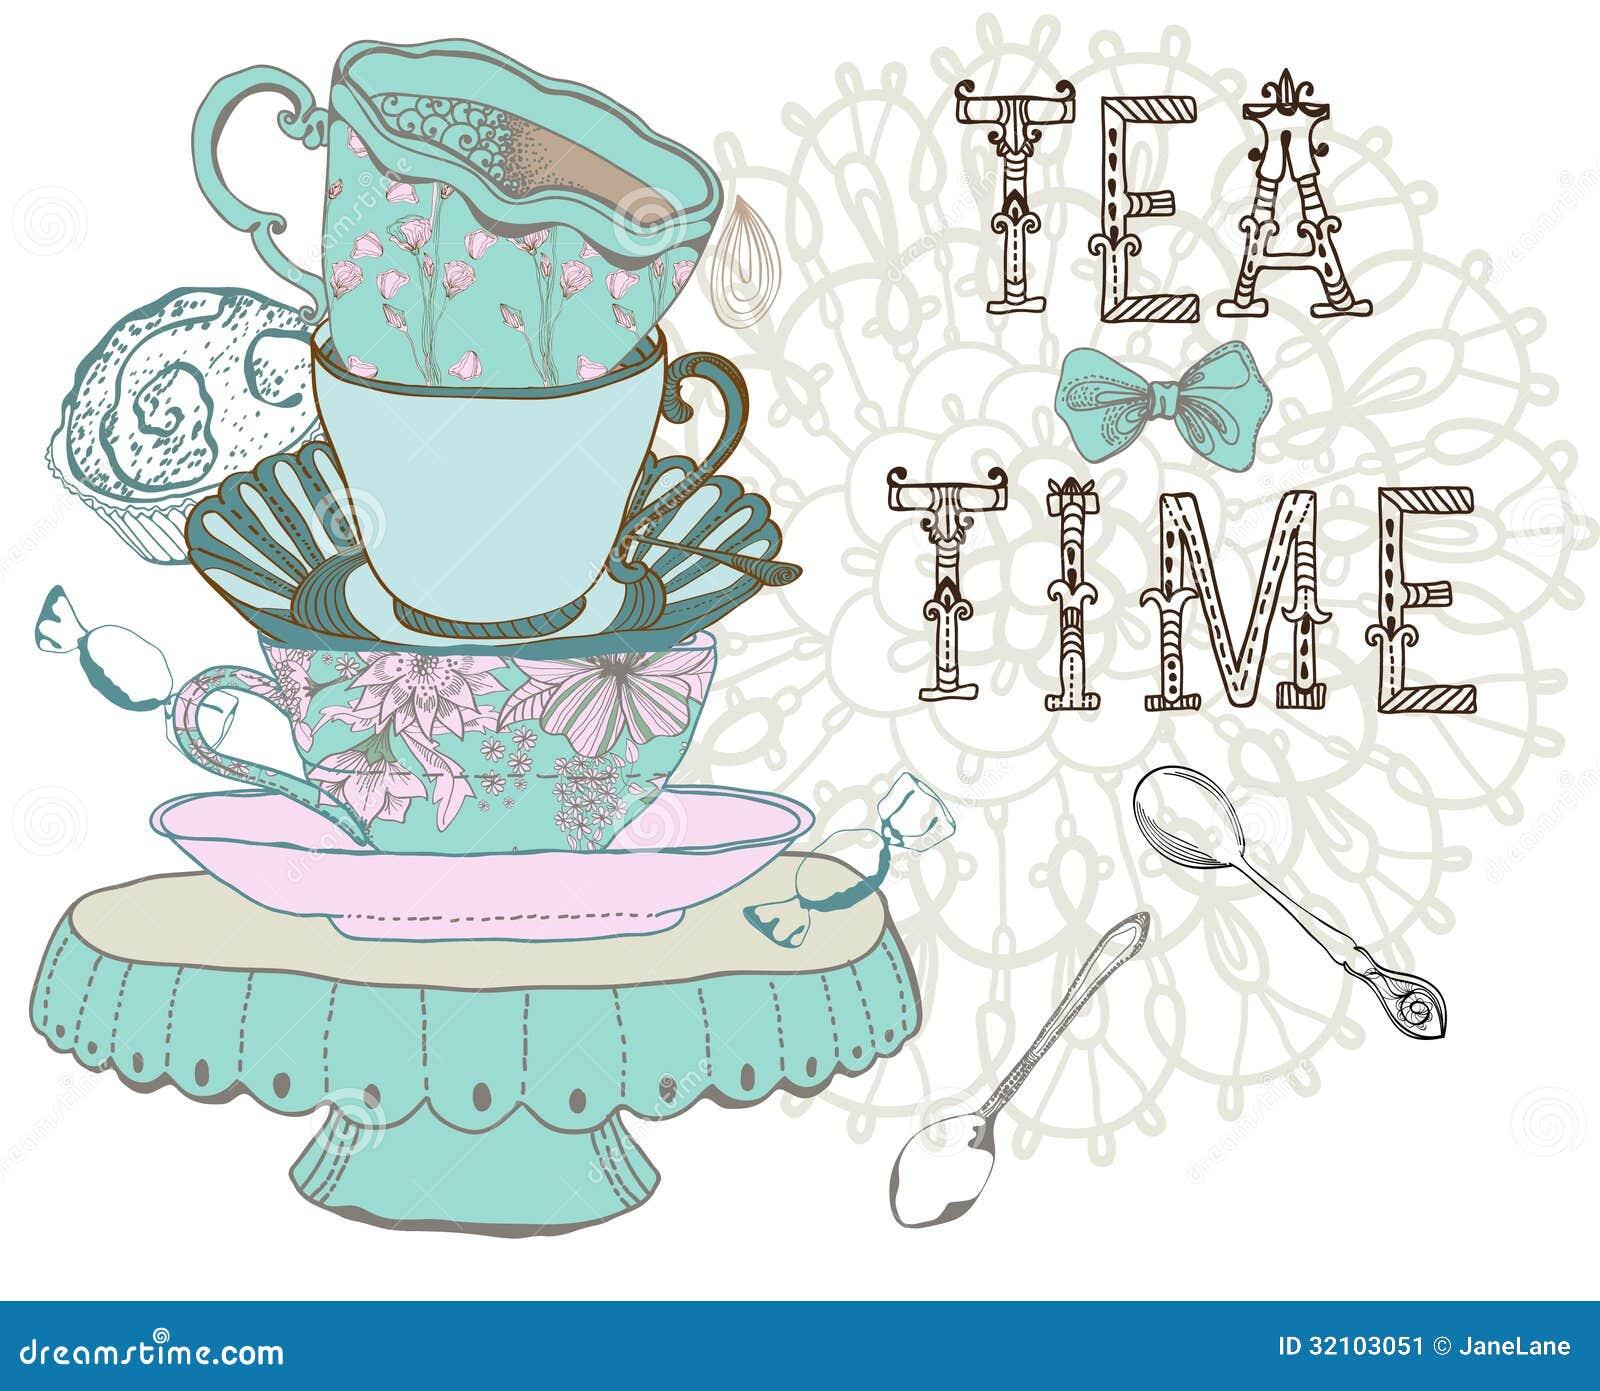 vintage morning tea time background stock illustration illustration of hand object 32103051. Black Bedroom Furniture Sets. Home Design Ideas